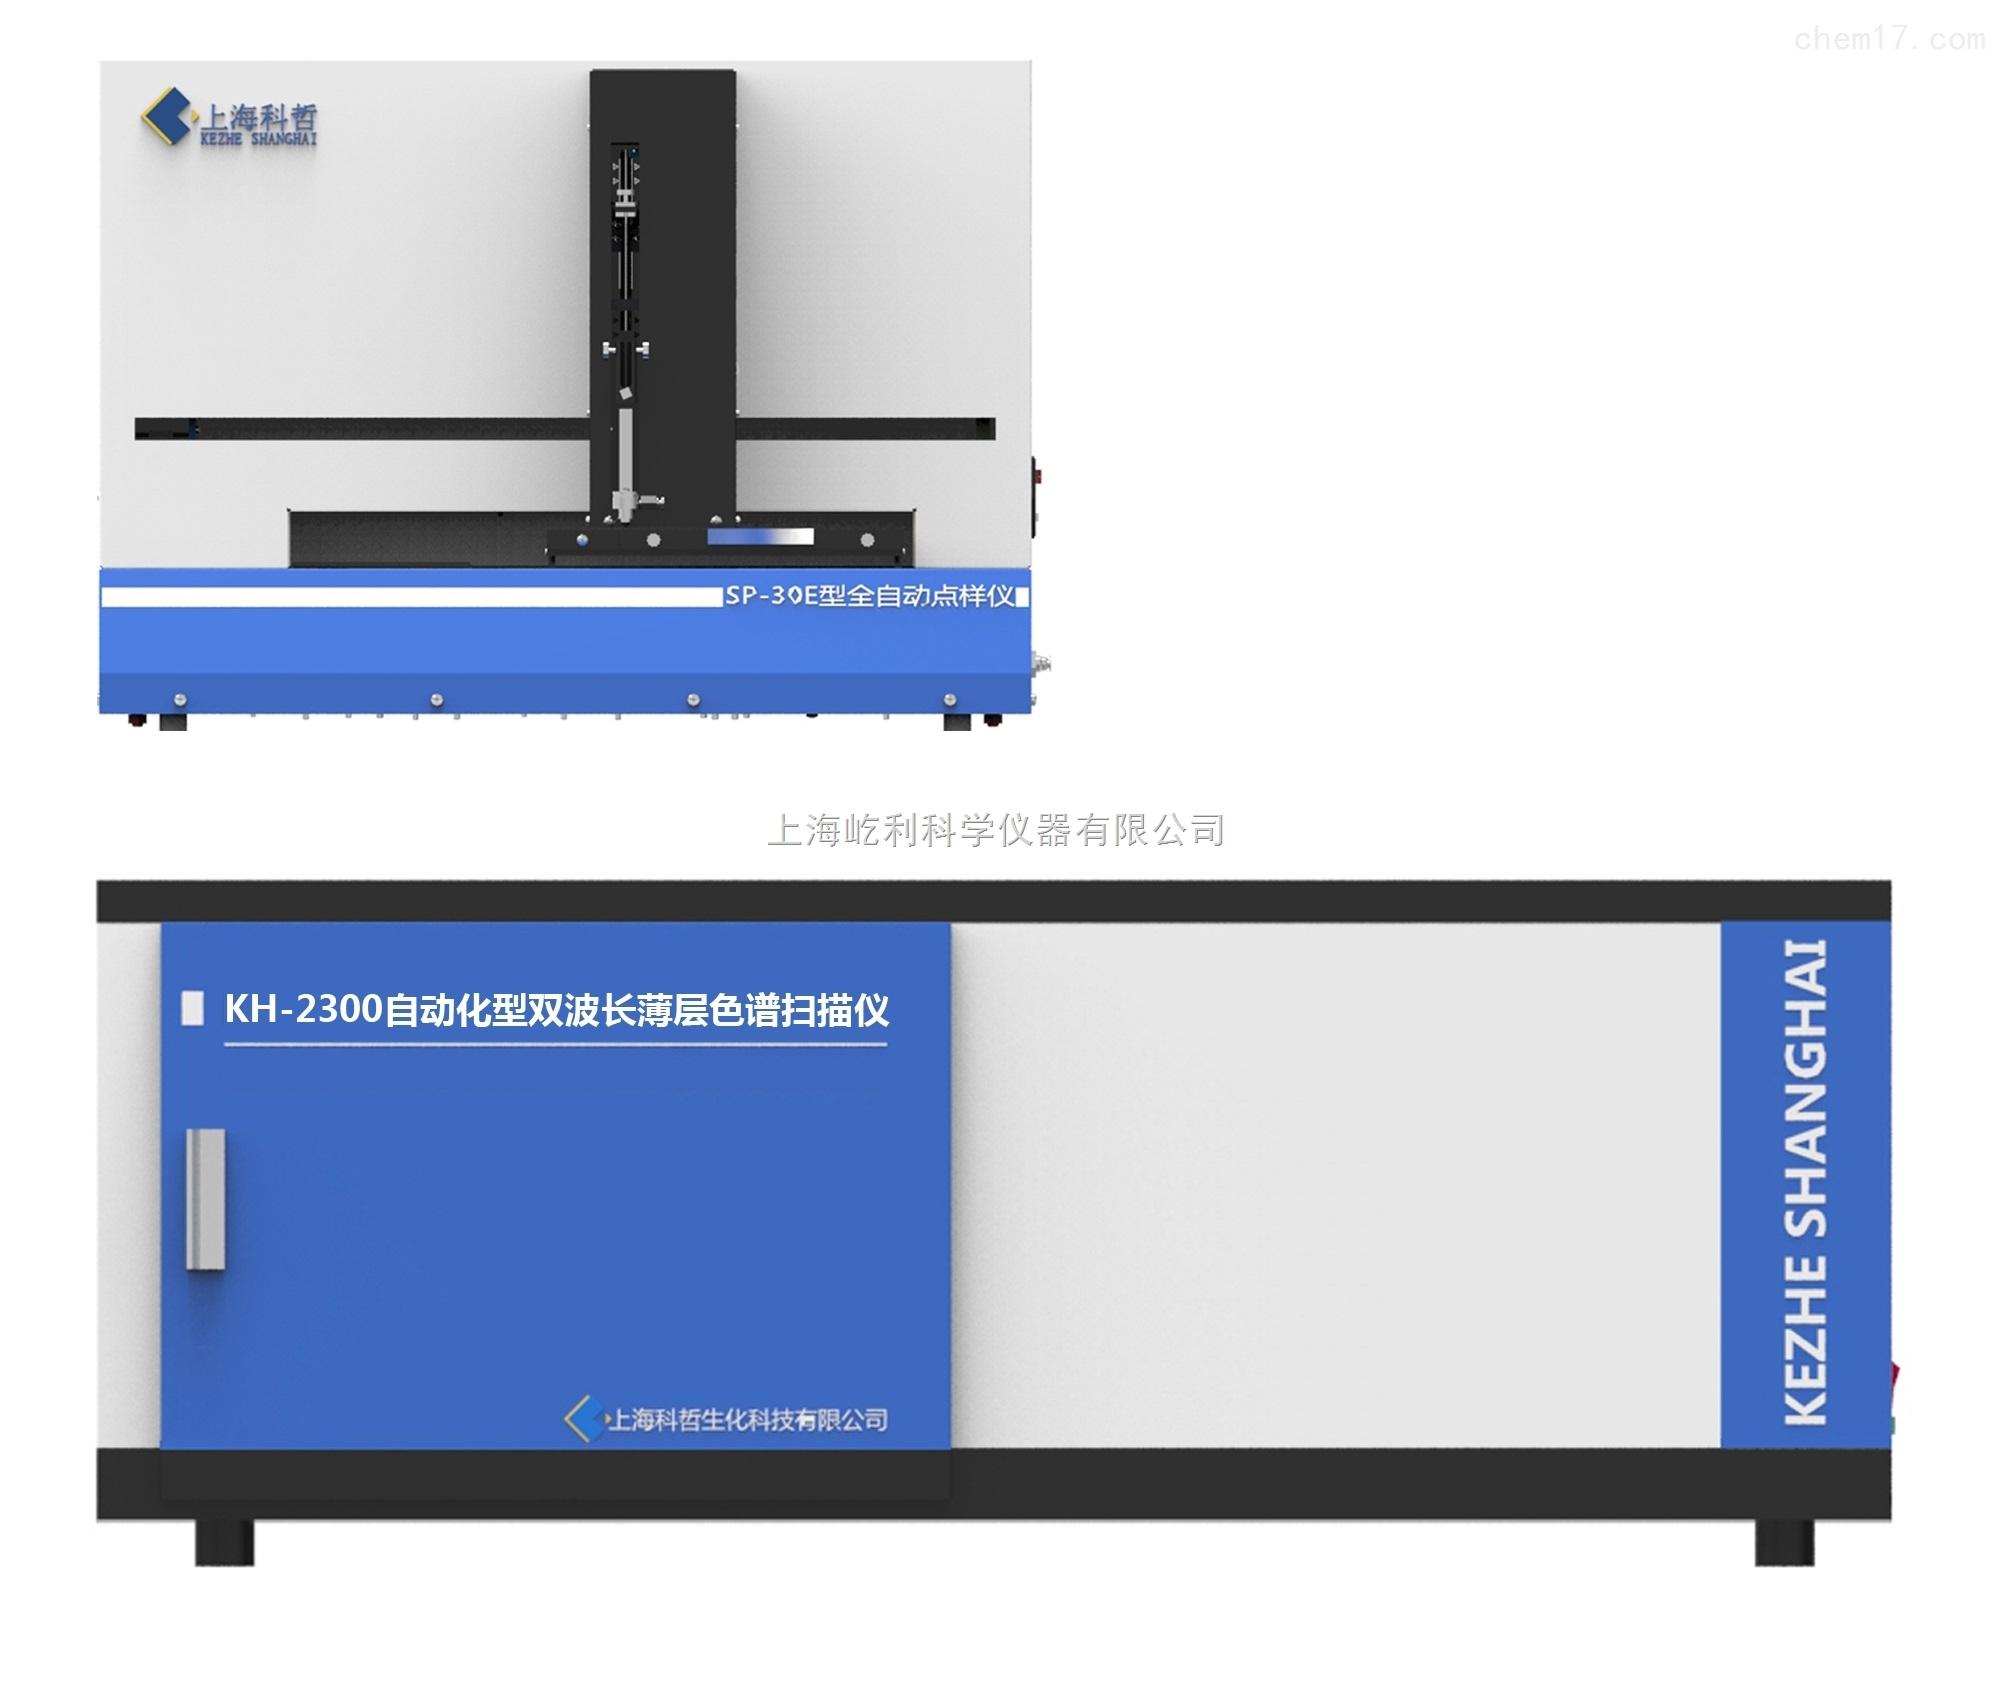 上海科哲 KH-2300自動化型雙波長薄層色譜掃描儀